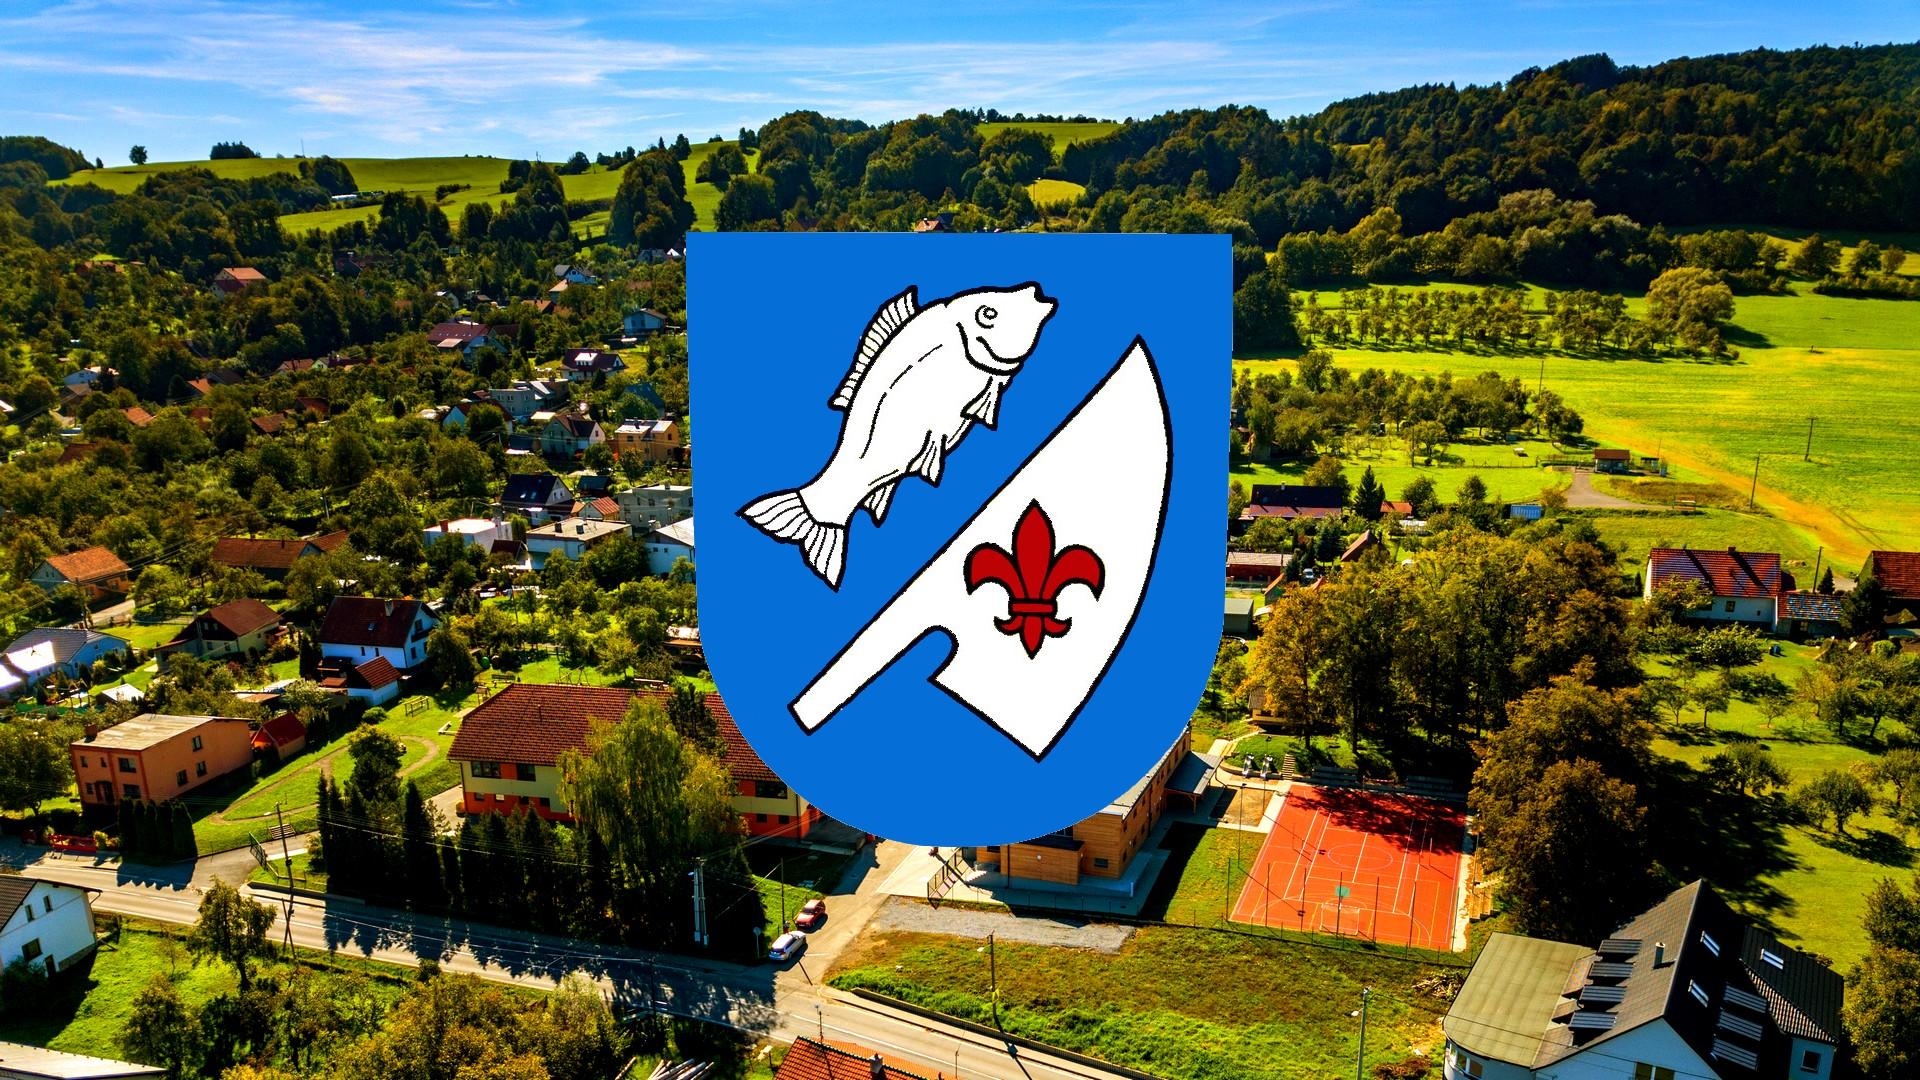 Obce2016.cz - Znak obce Rybí